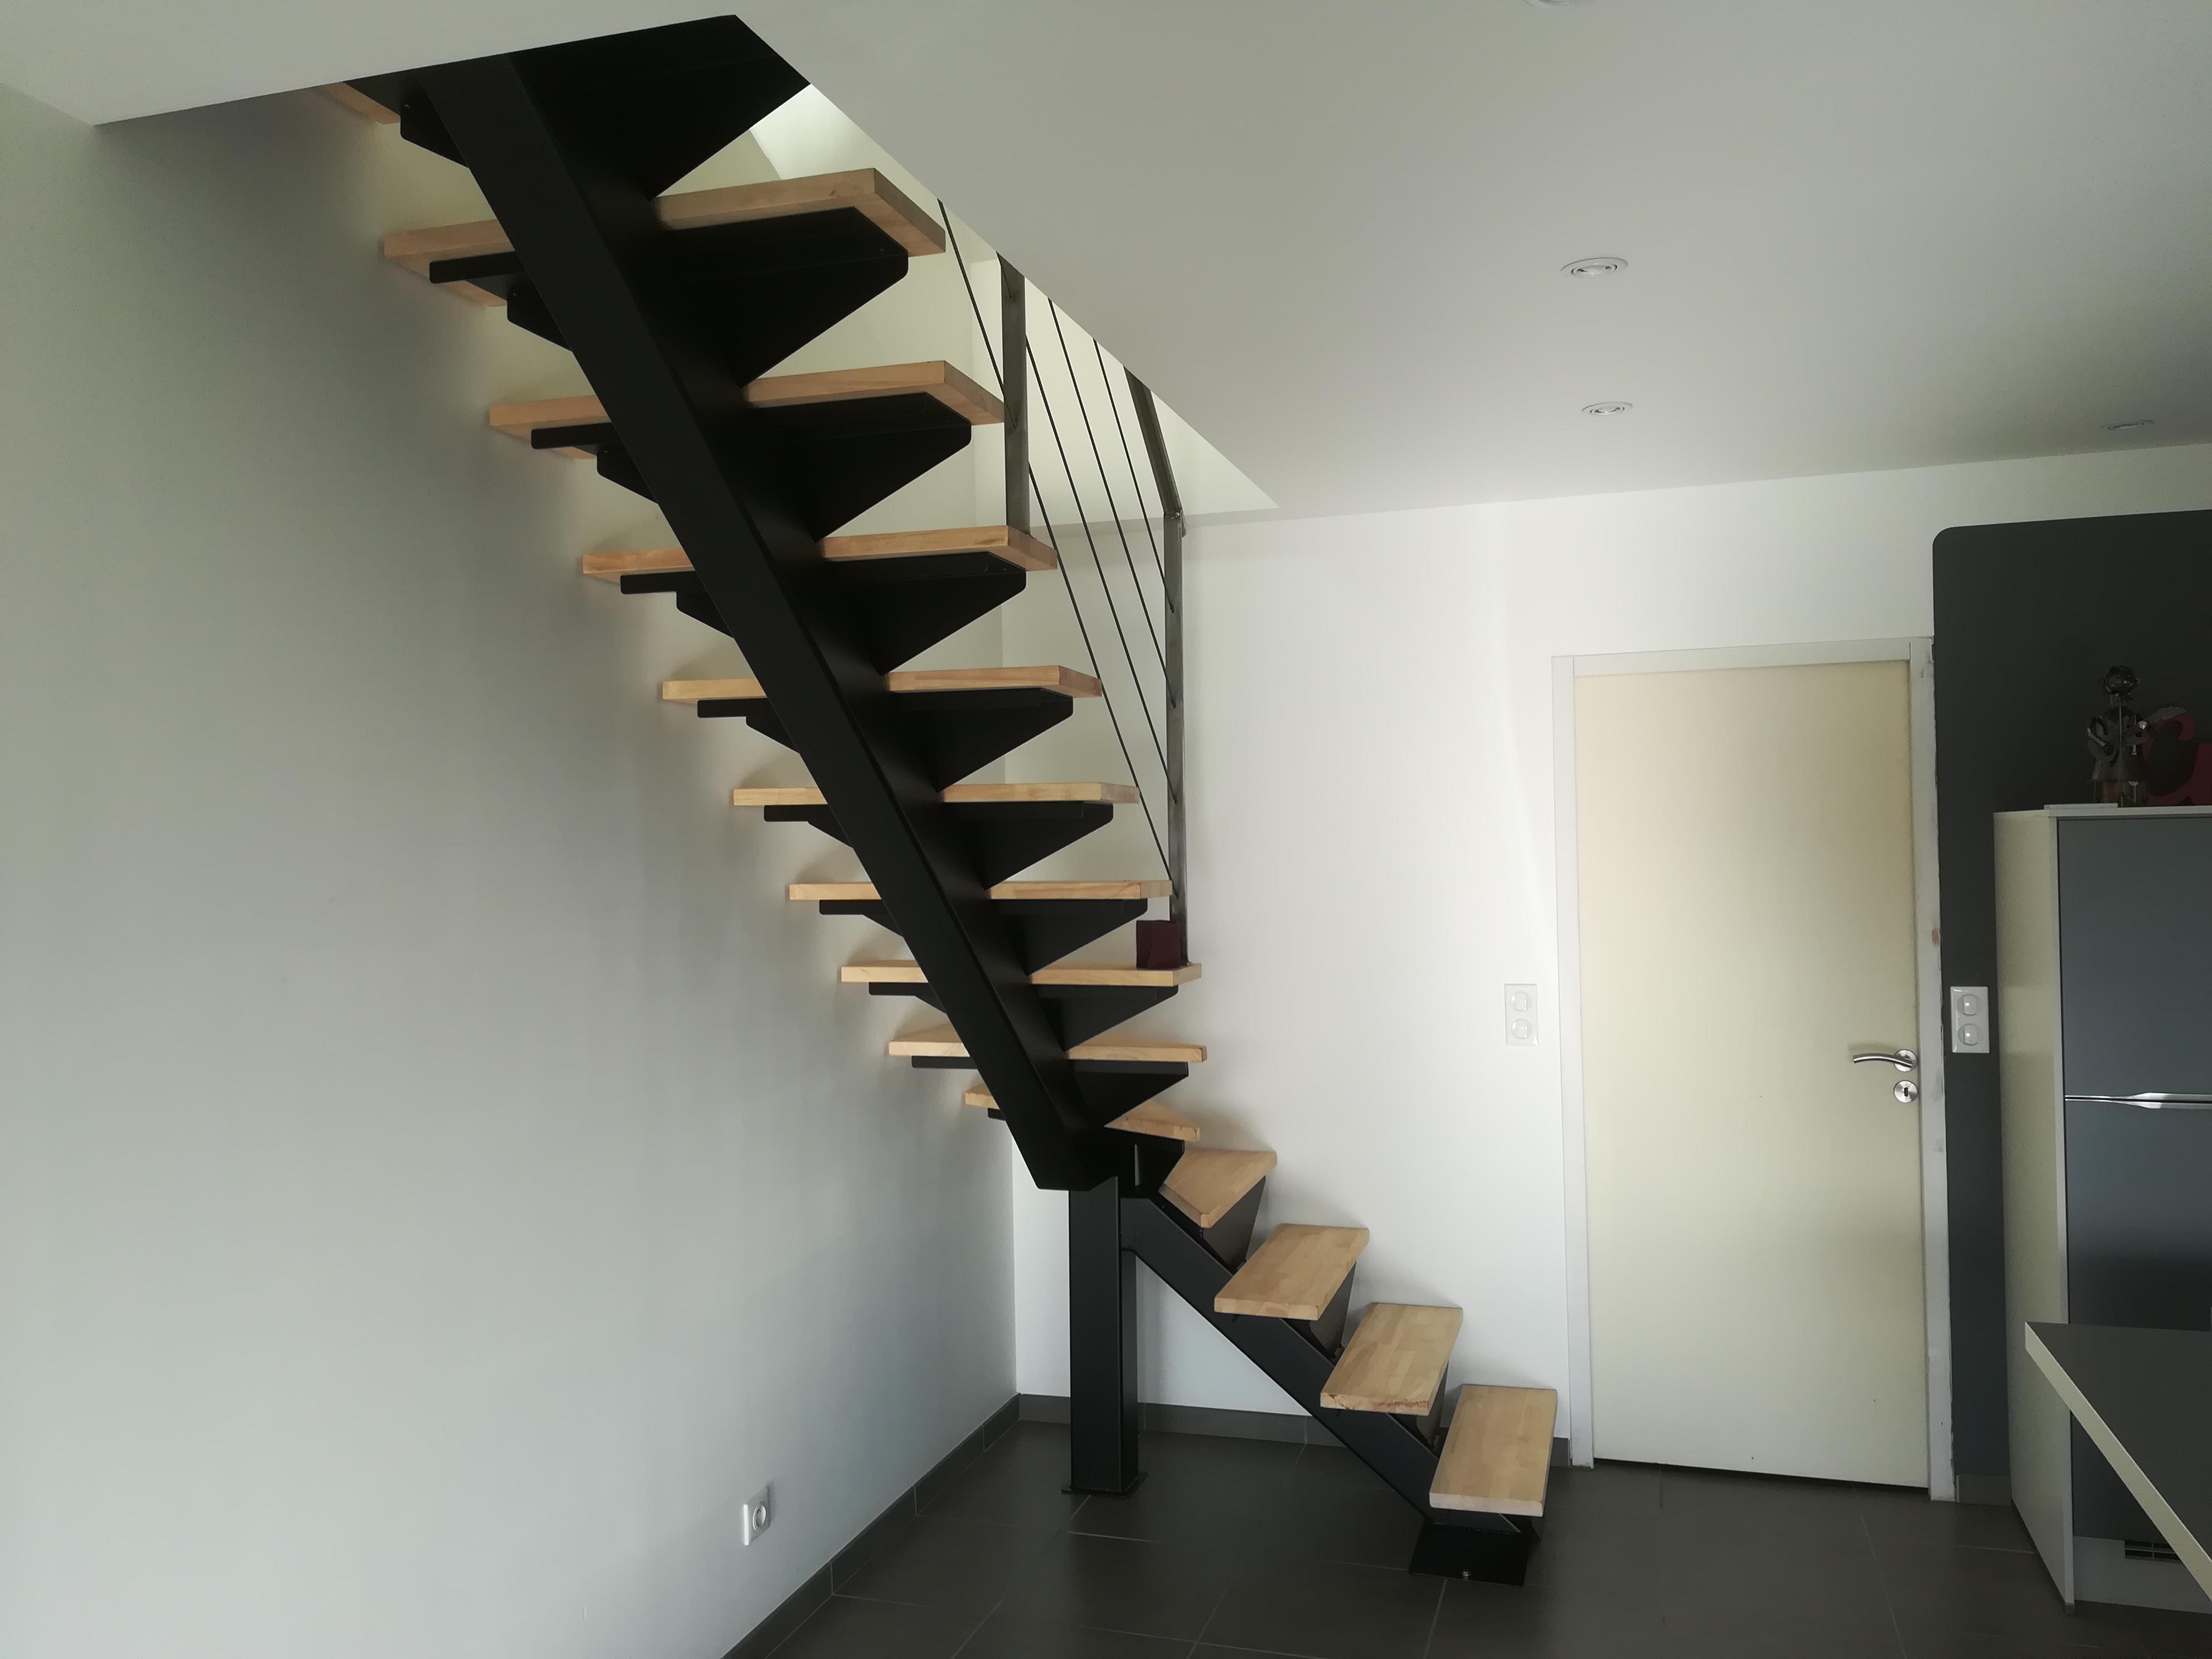 Escalier 1/4 tournant avec marches en bois